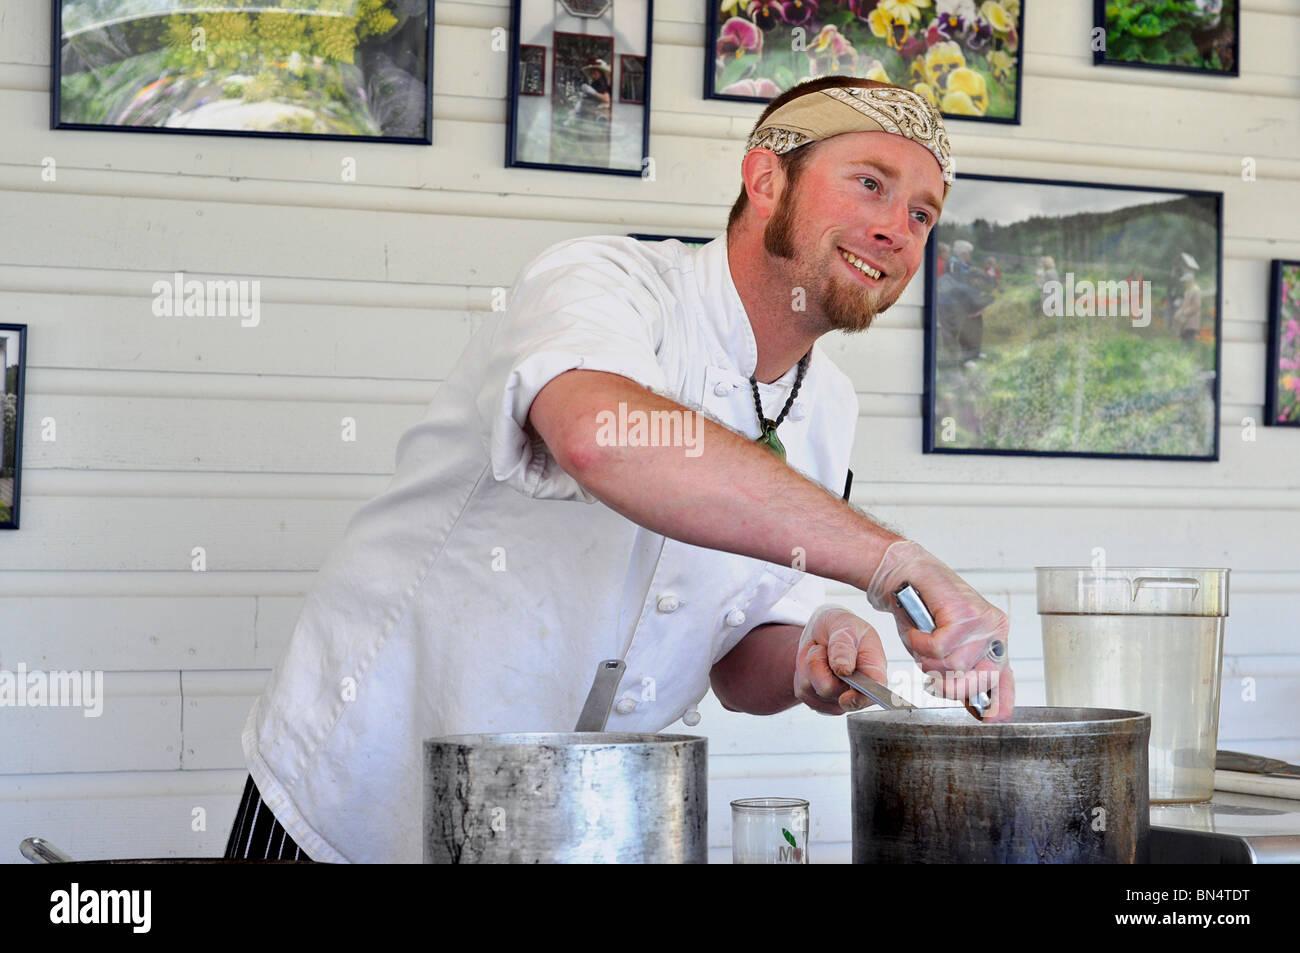 Junge männliche Küchenchef, Koch Stockbild